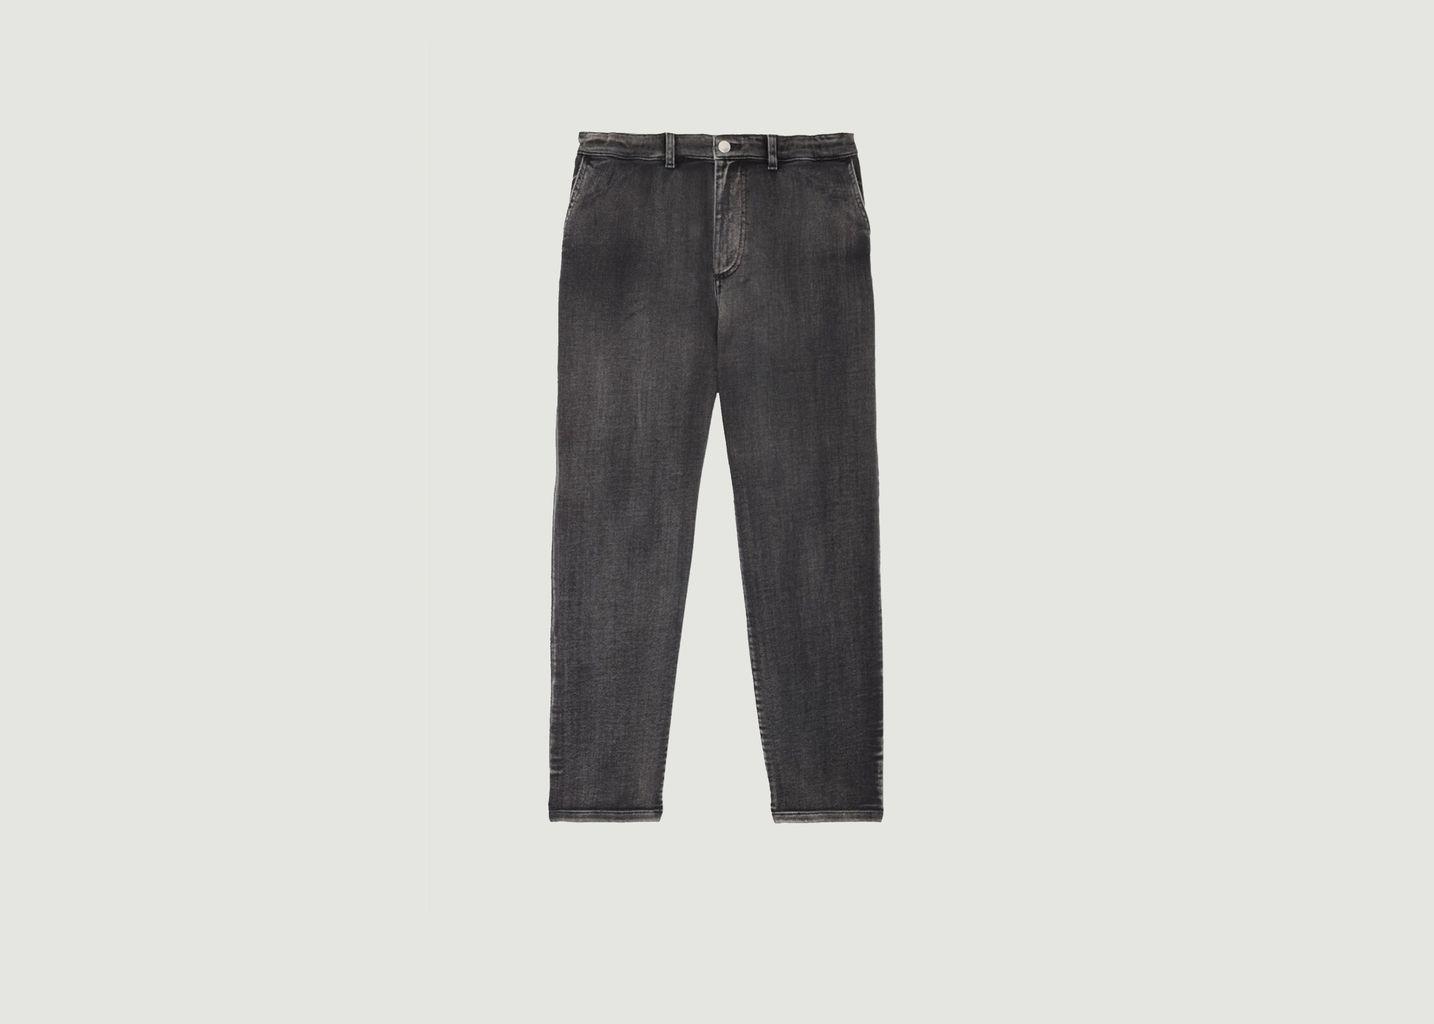 Jeans Bloom en coton biologique  - Roseanna